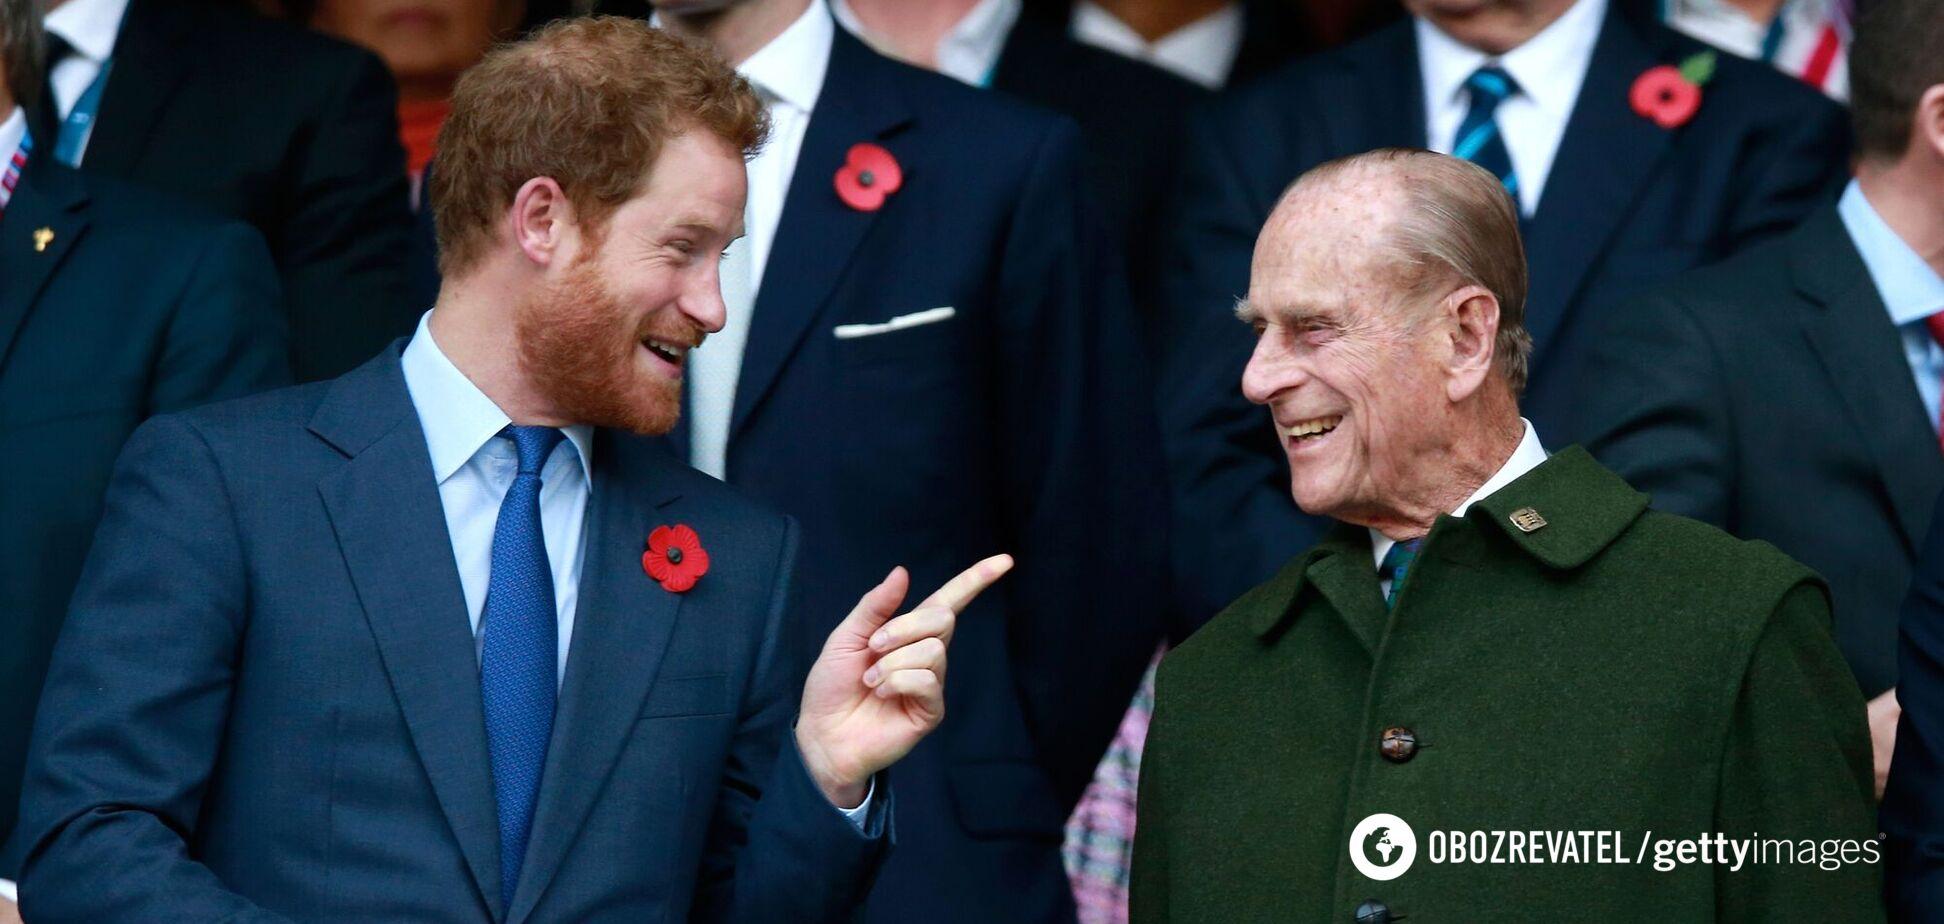 Принц Гаррі збирається приїхати до Британії на похорон дідуся – ЗМІ